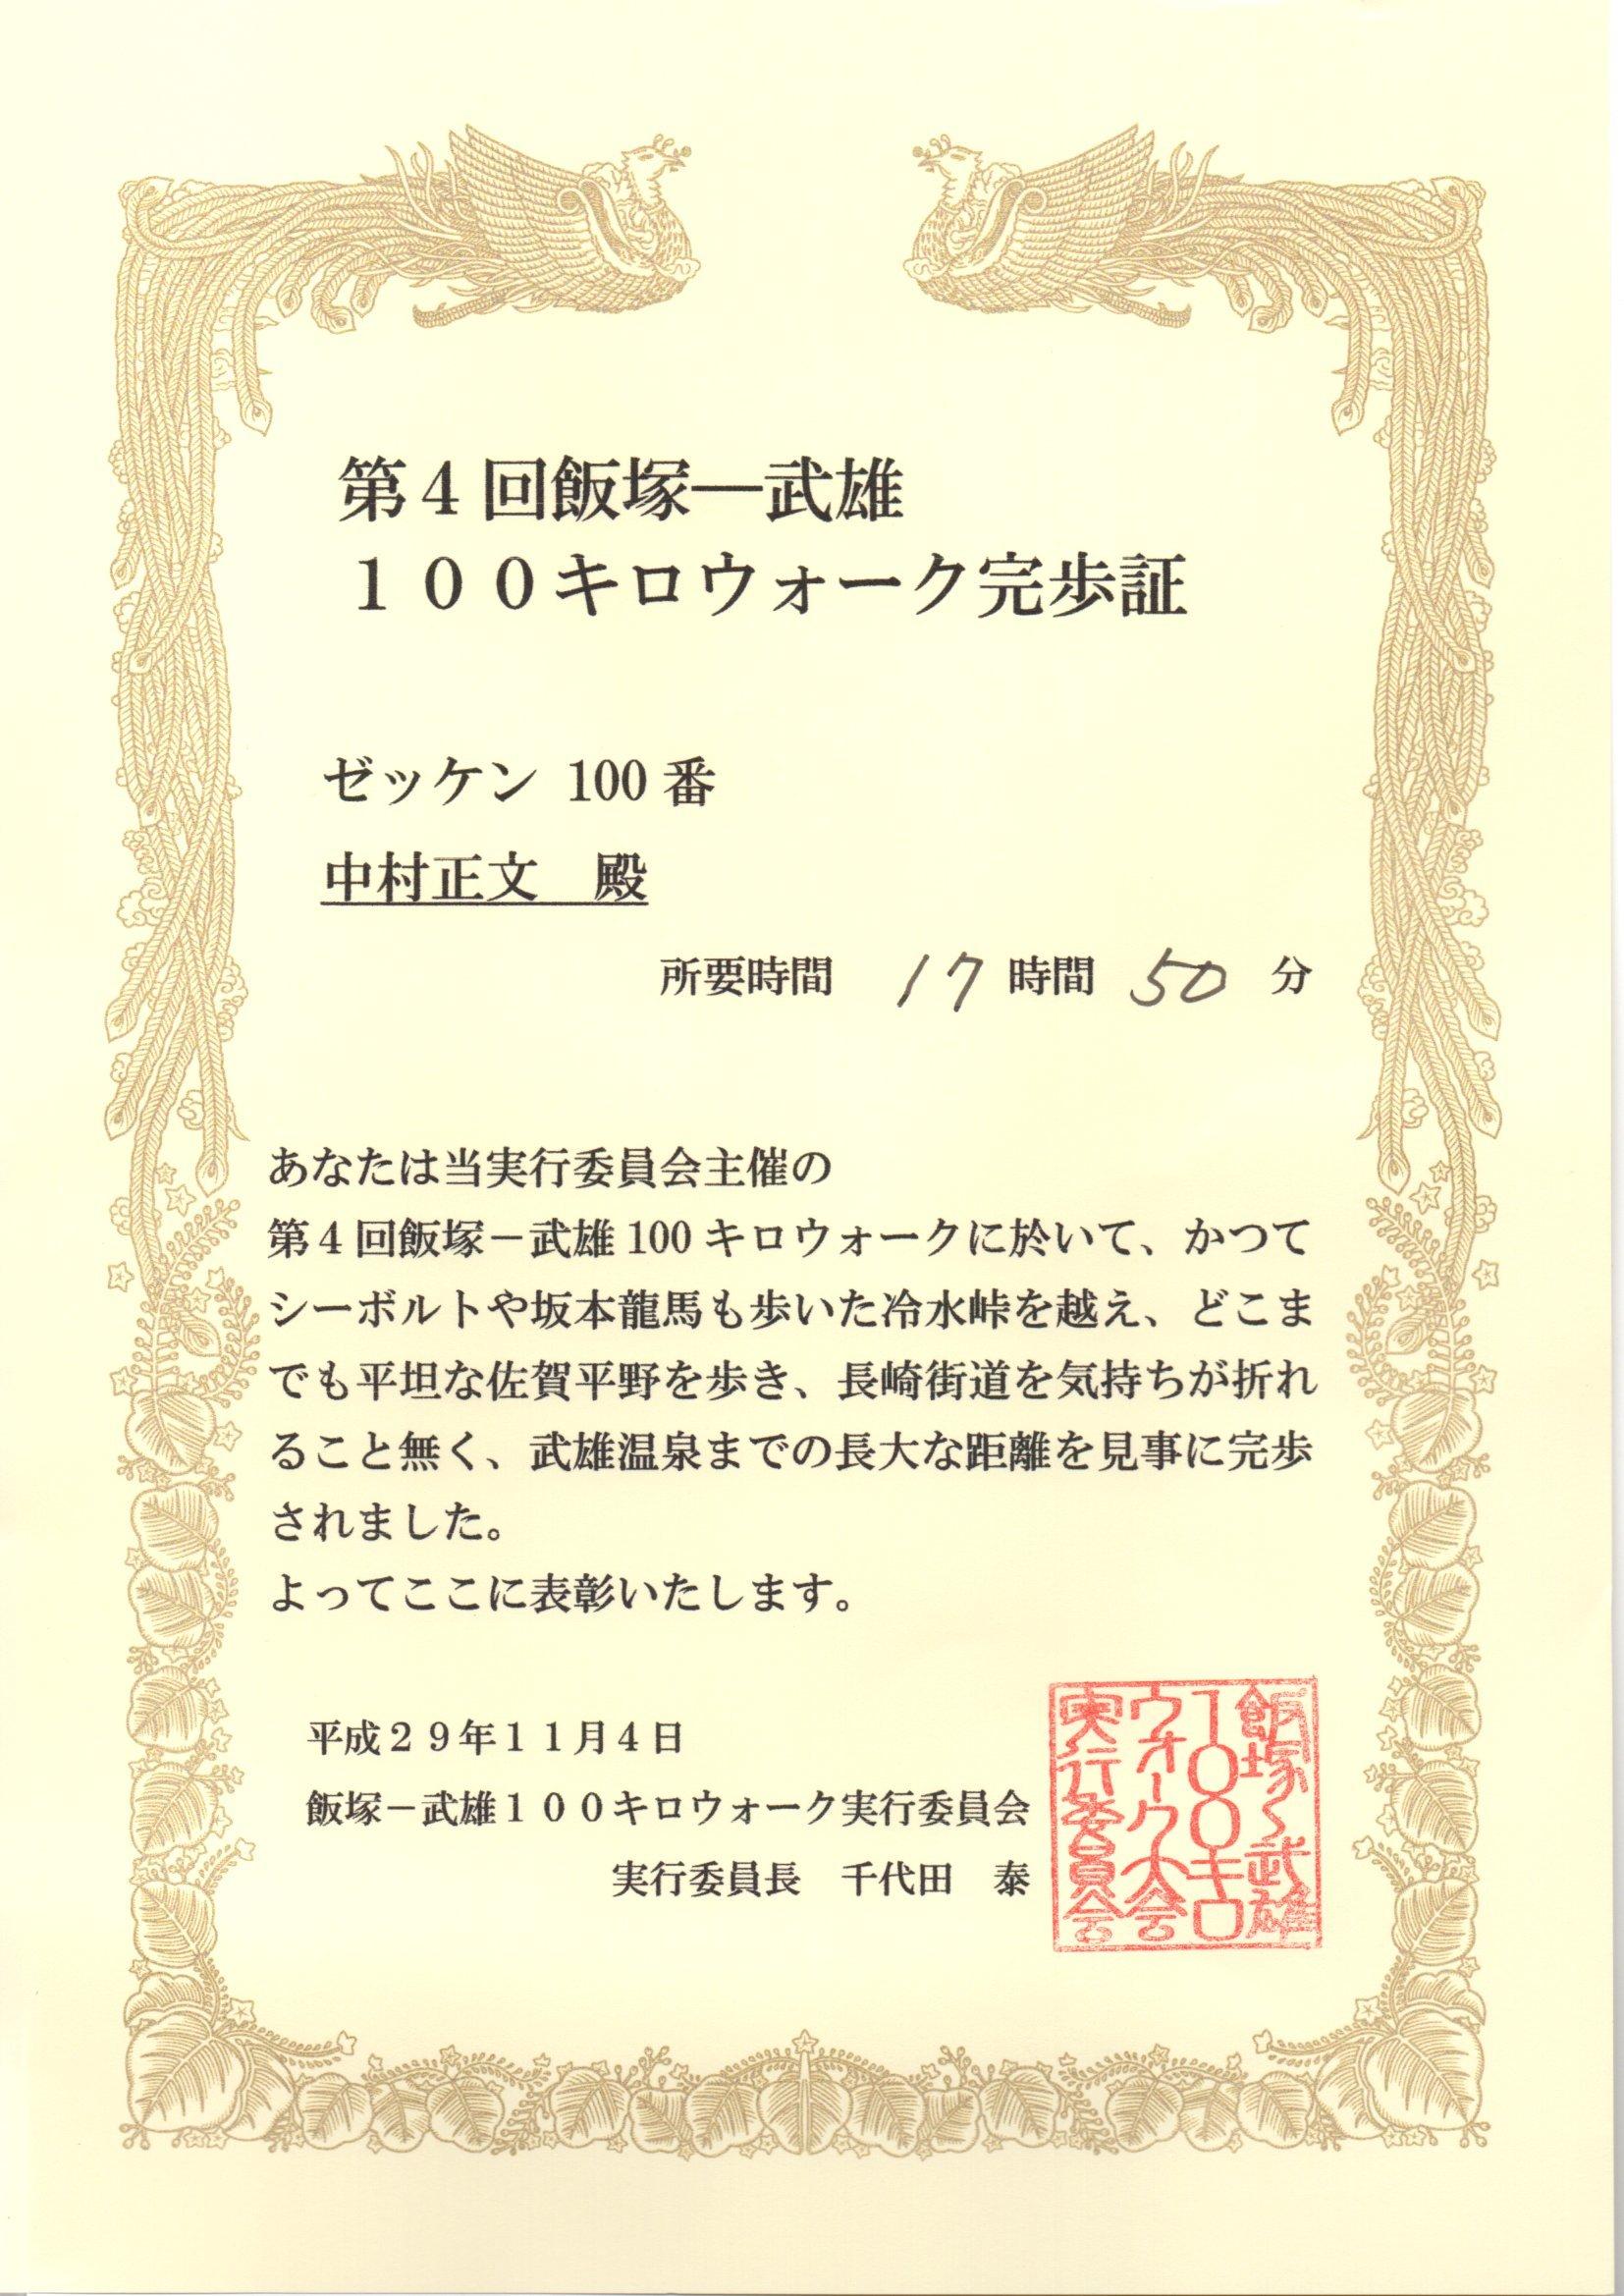 第4回飯塚武雄100キロウォークの完歩報告_e0294183_18084354.jpg